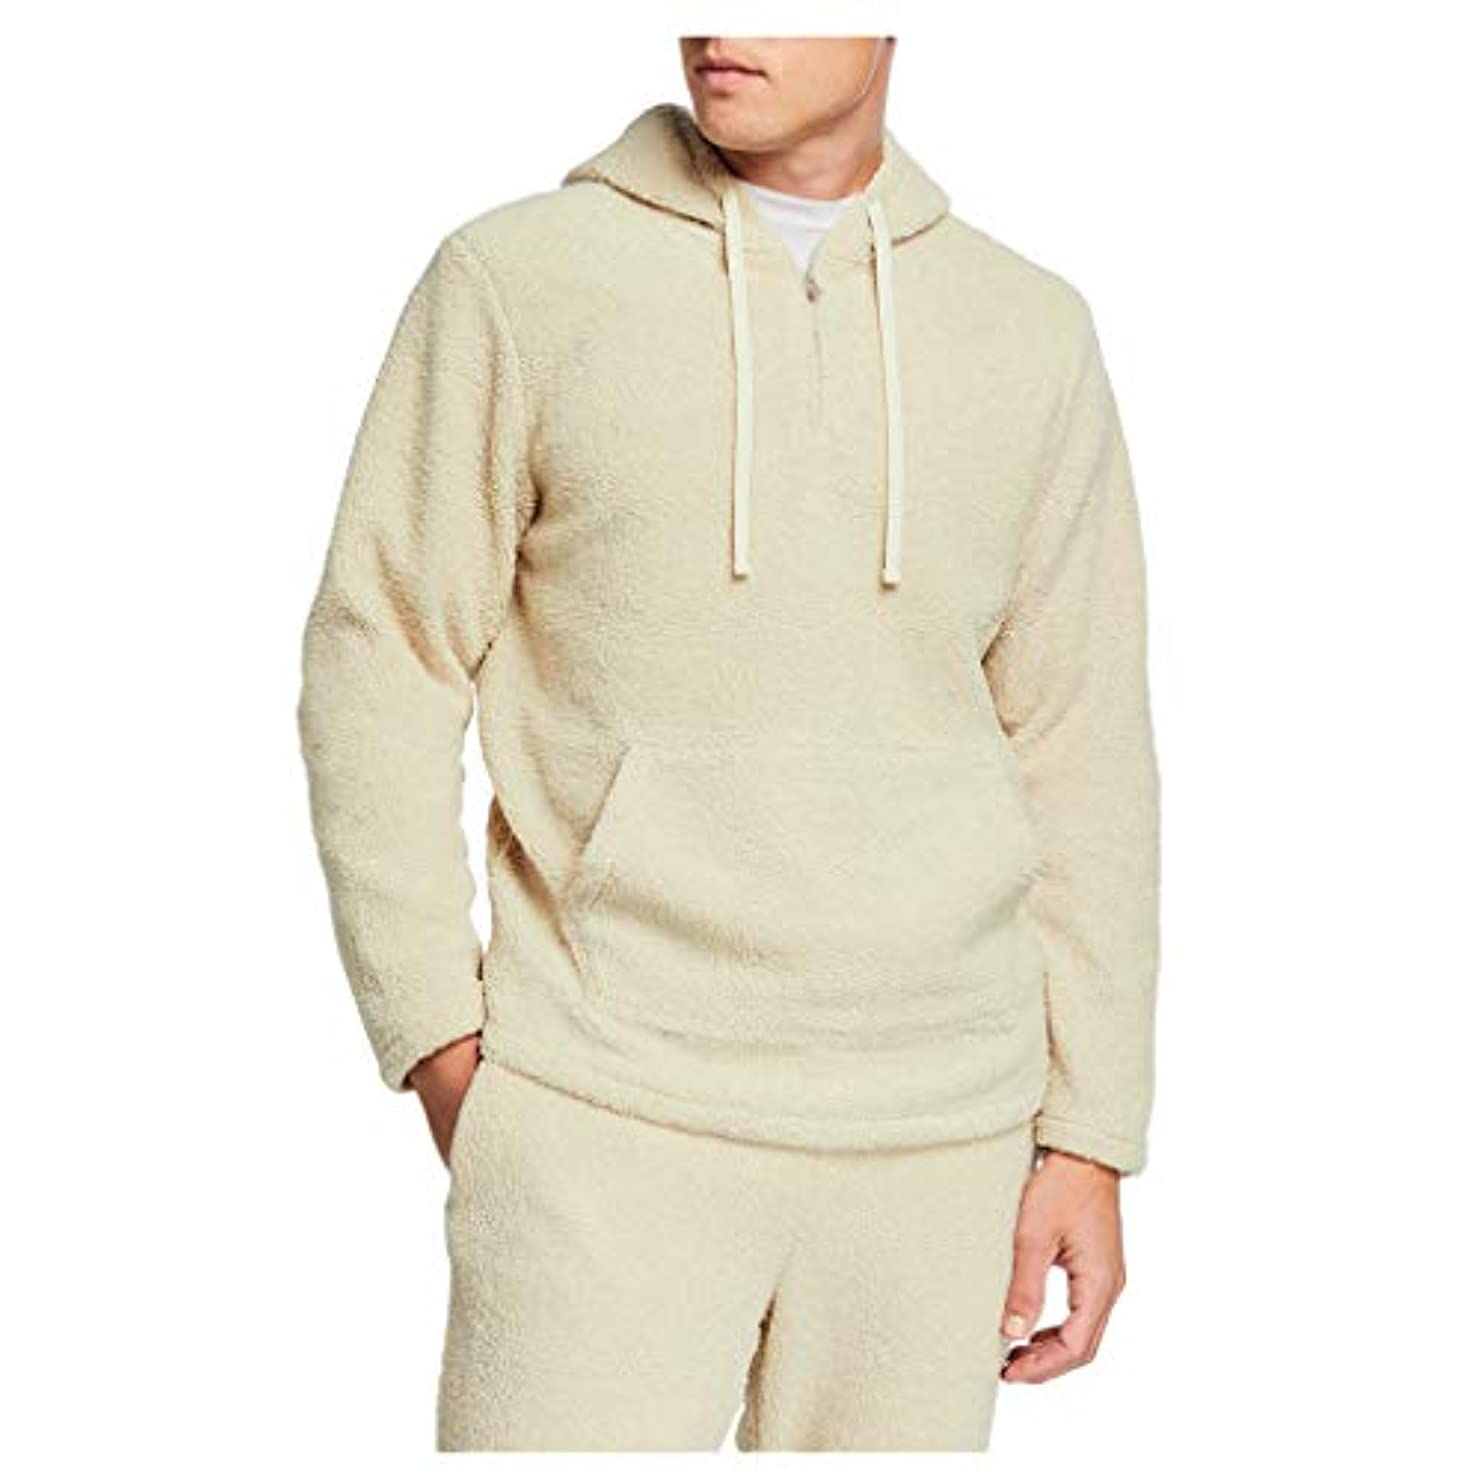 割合キャッシュ無関心ハイネック セーター 韓国 ファッション 冬 長袖 メンズ メンズ セーター クルーネック ニットセーター グラデーション カットソー トップス カジュアル 無地 丸首 ストリート アウトドア ゆったり 中厚